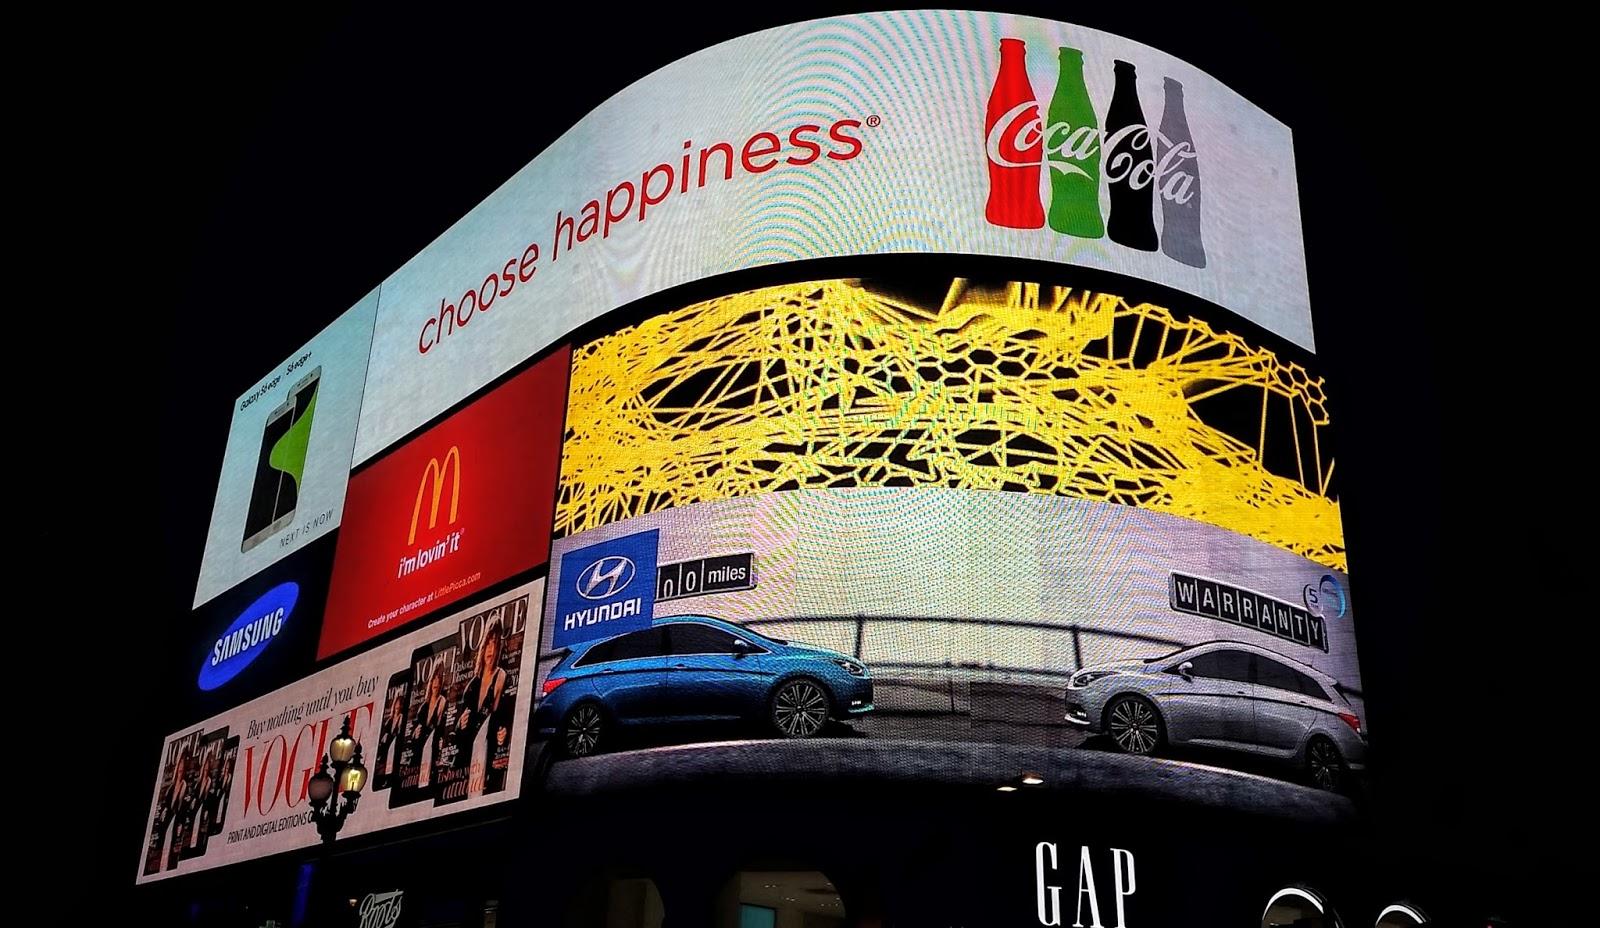 Imagen de Anuncios en Piccadilly Circus, Londres, Inglaterra